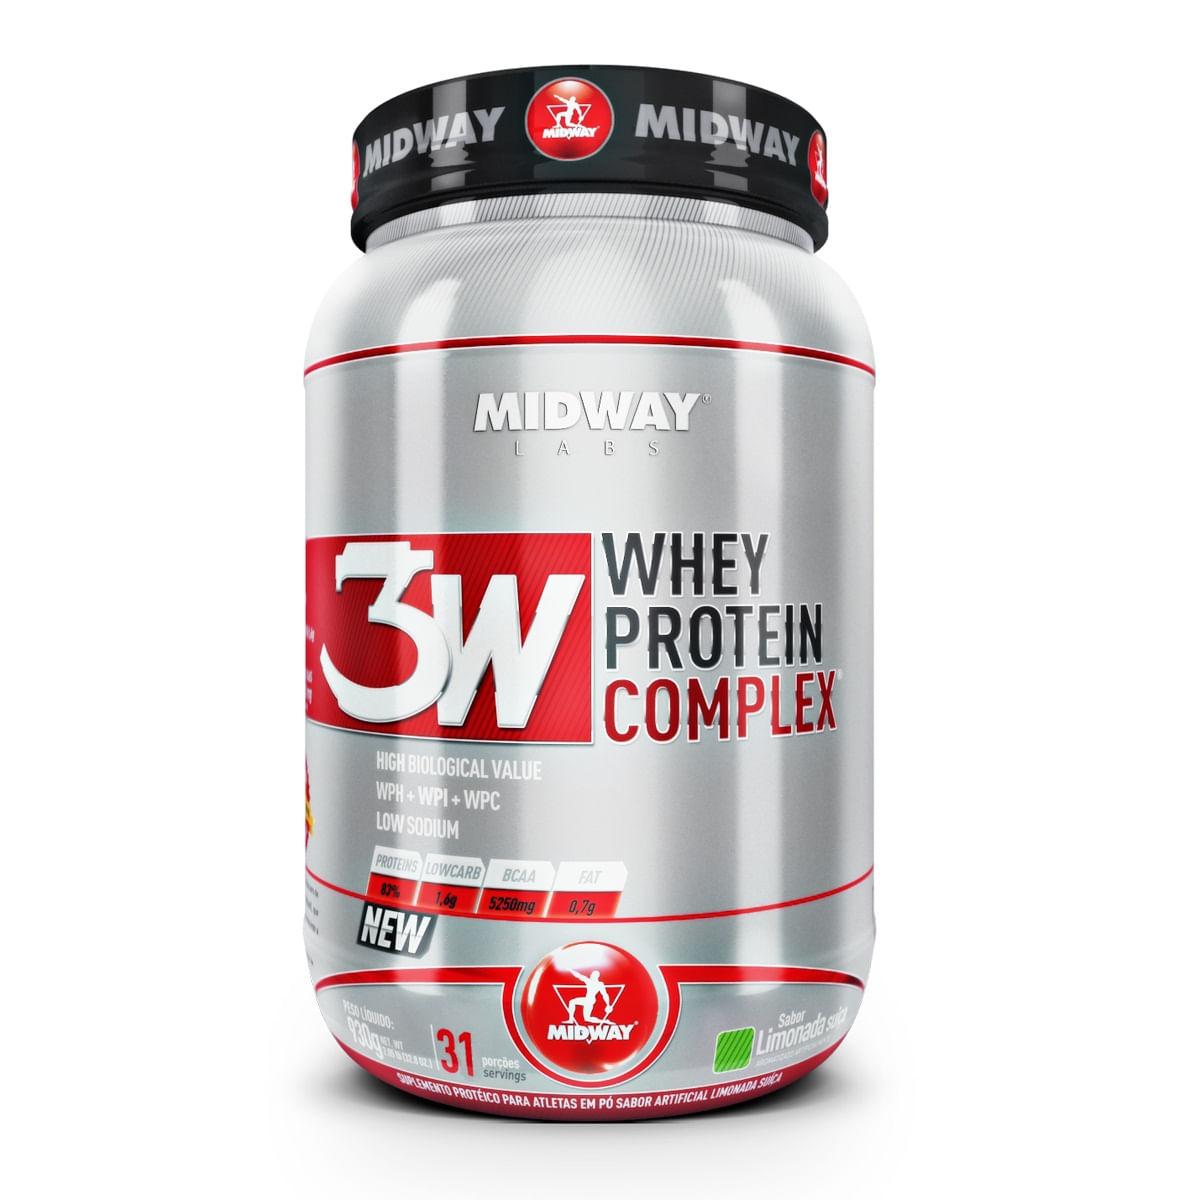 bfef8a36a Whey Protein Iso Pure Midway Limonada Suíça 930g - Farmacias Pague Menos